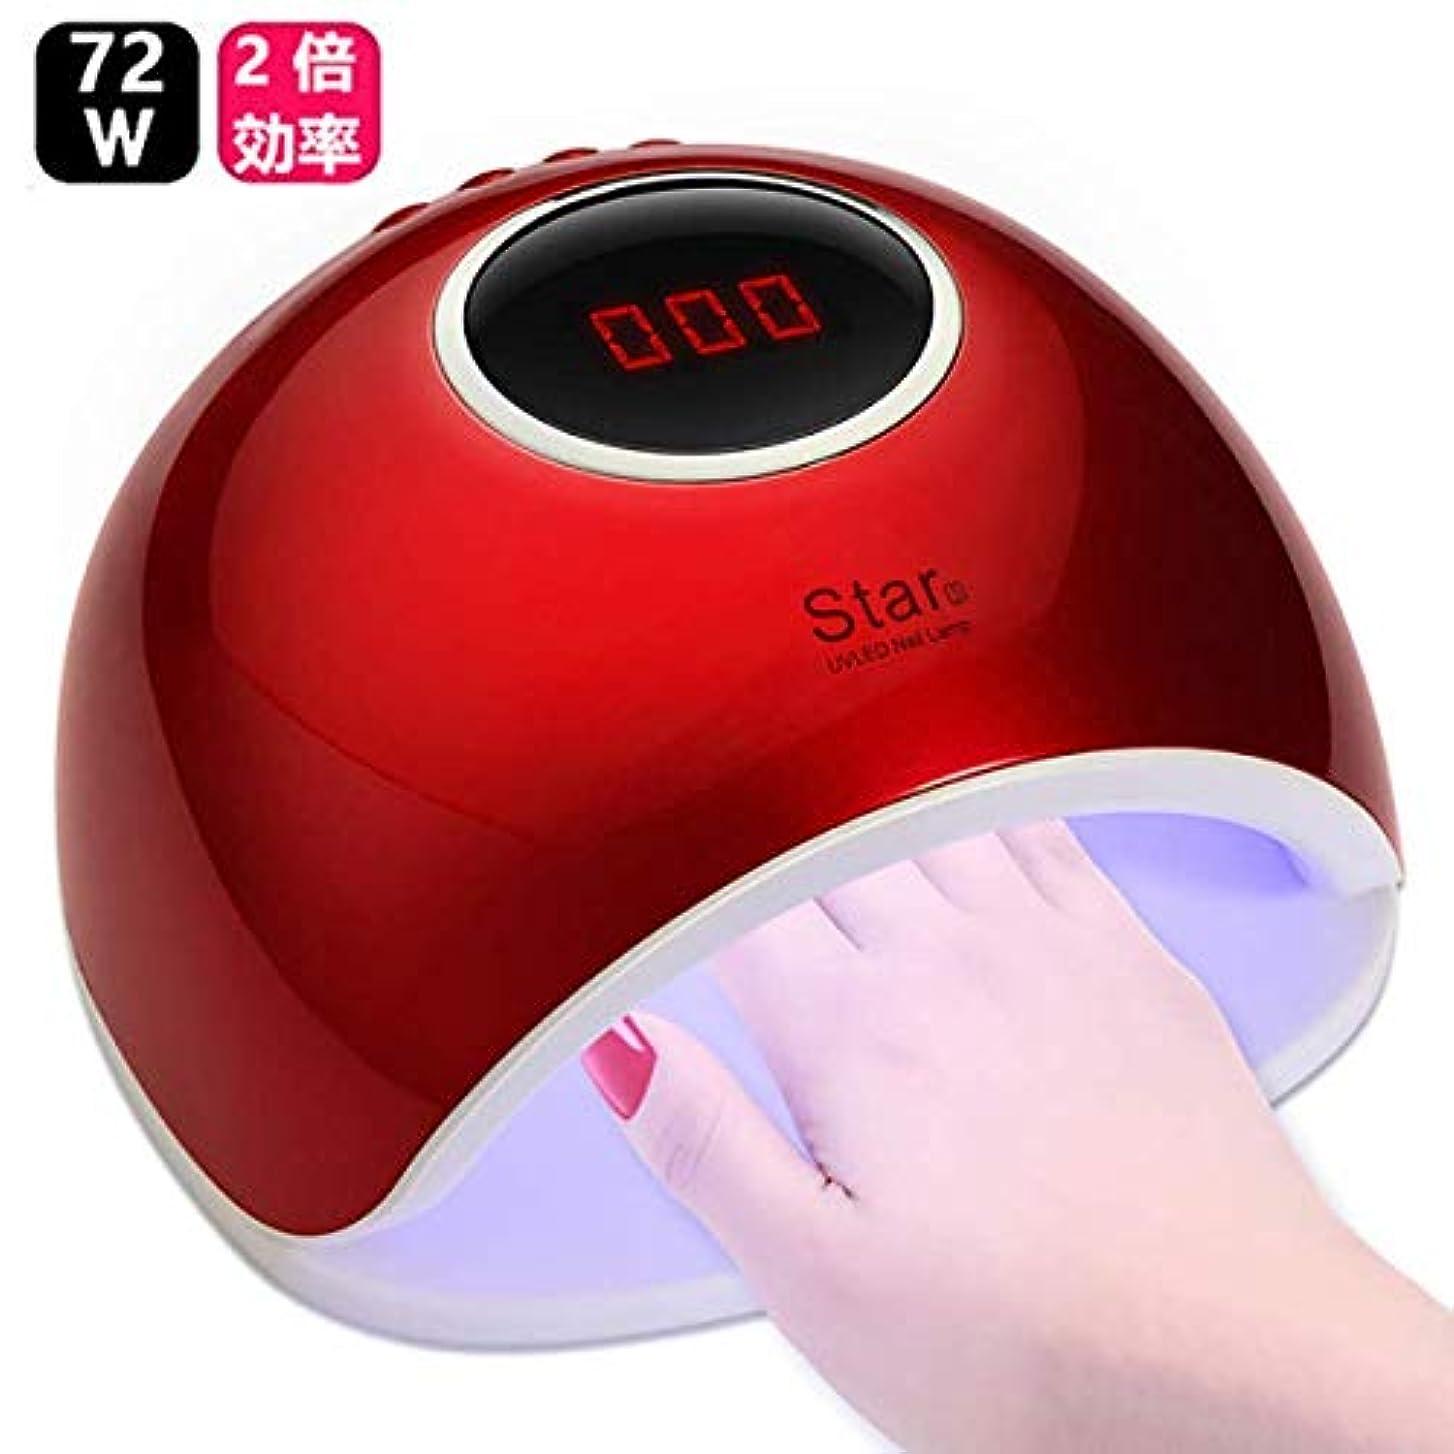 精神医学ビームコックUV LEDネイルドライヤー 赤外線検知 72W2倍の効率 赤外線美白機能付き マニキュア用 4段階タイマー設定可能 手足兼用 (レッド)